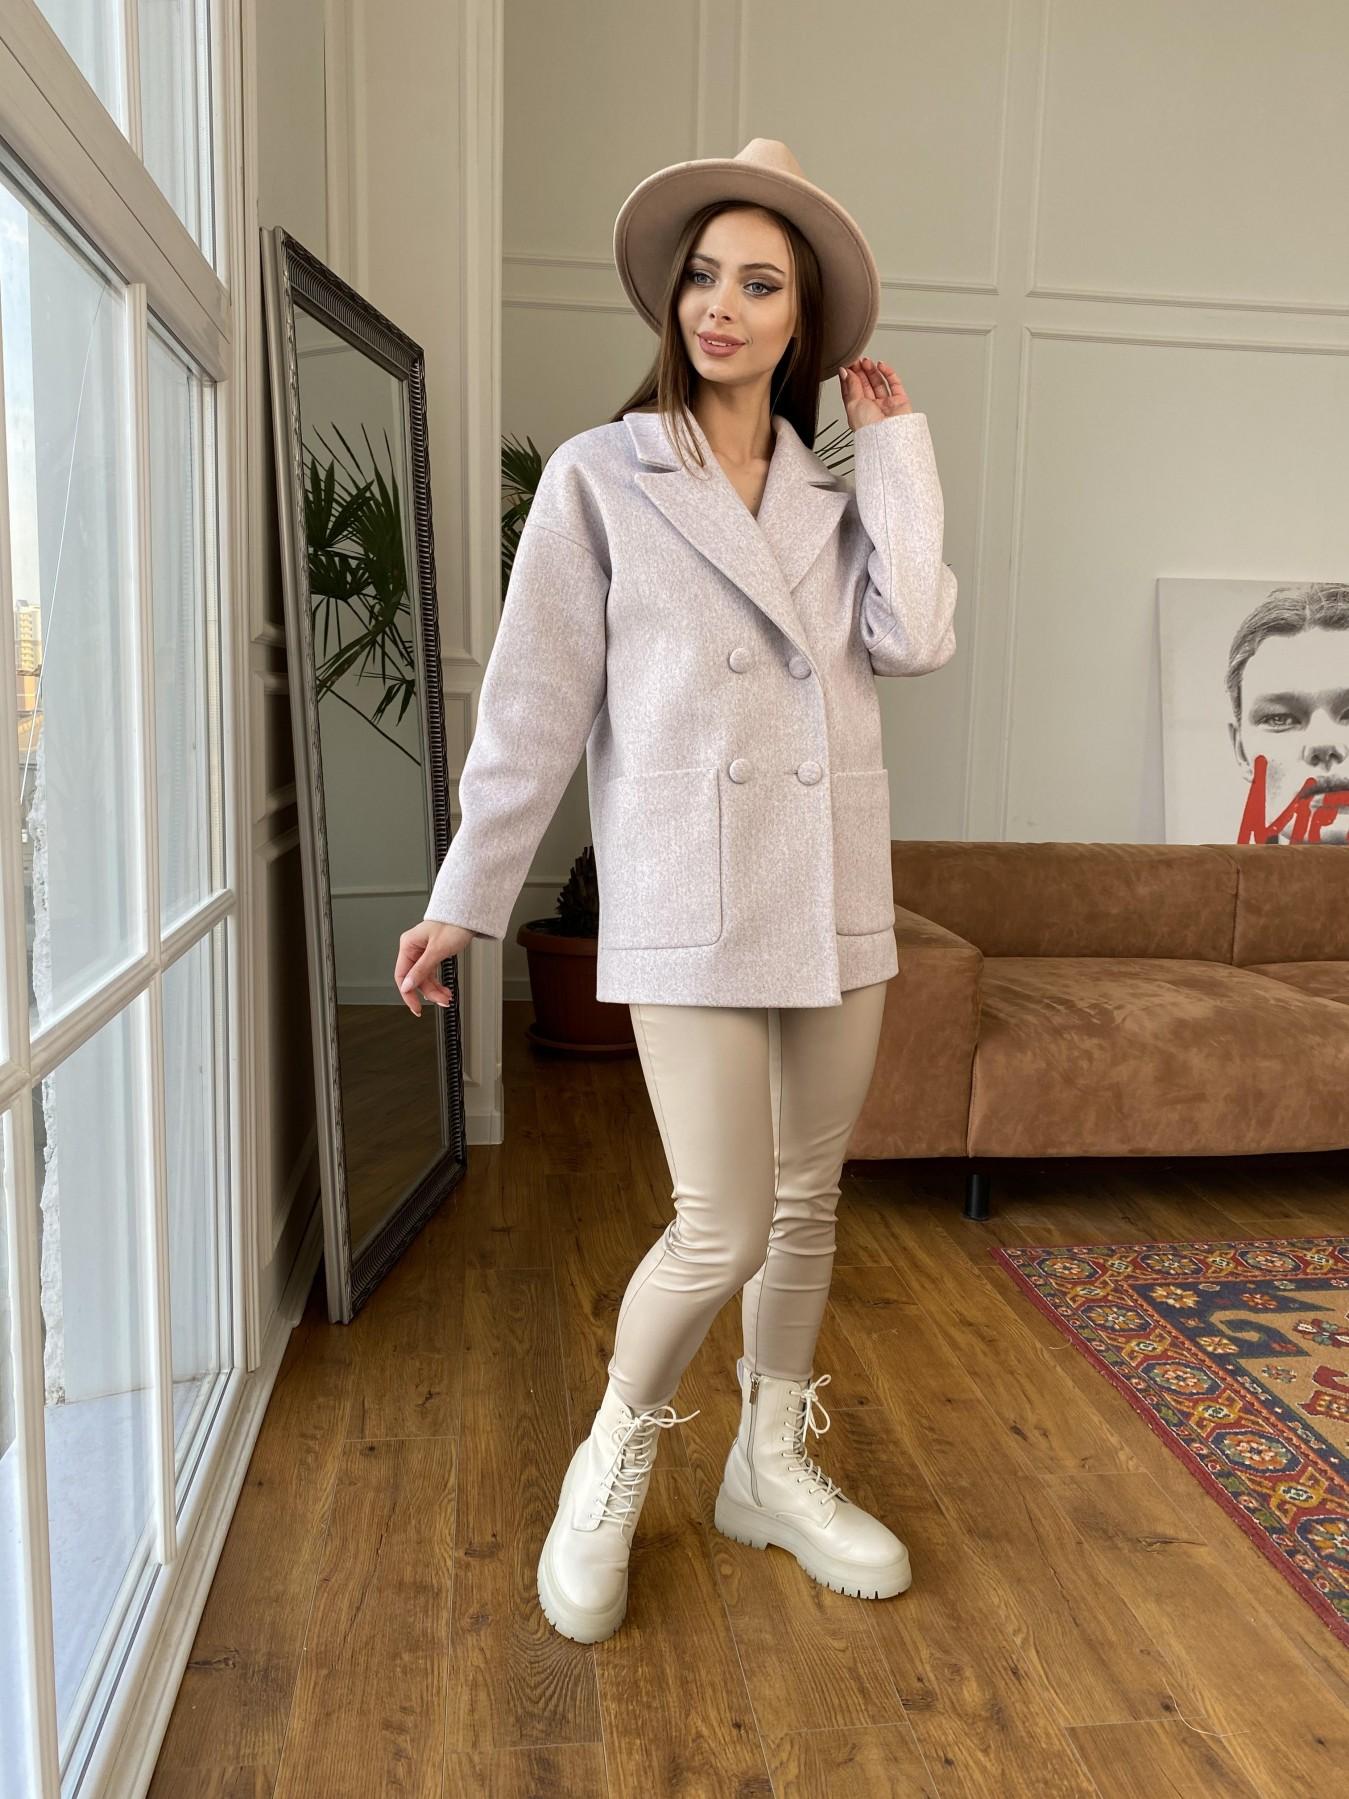 Мансера пальто кашемир меланж на трикотаже  10629 АРТ. 47554 Цвет: Серо-розовый 21 - фото 6, интернет магазин tm-modus.ru